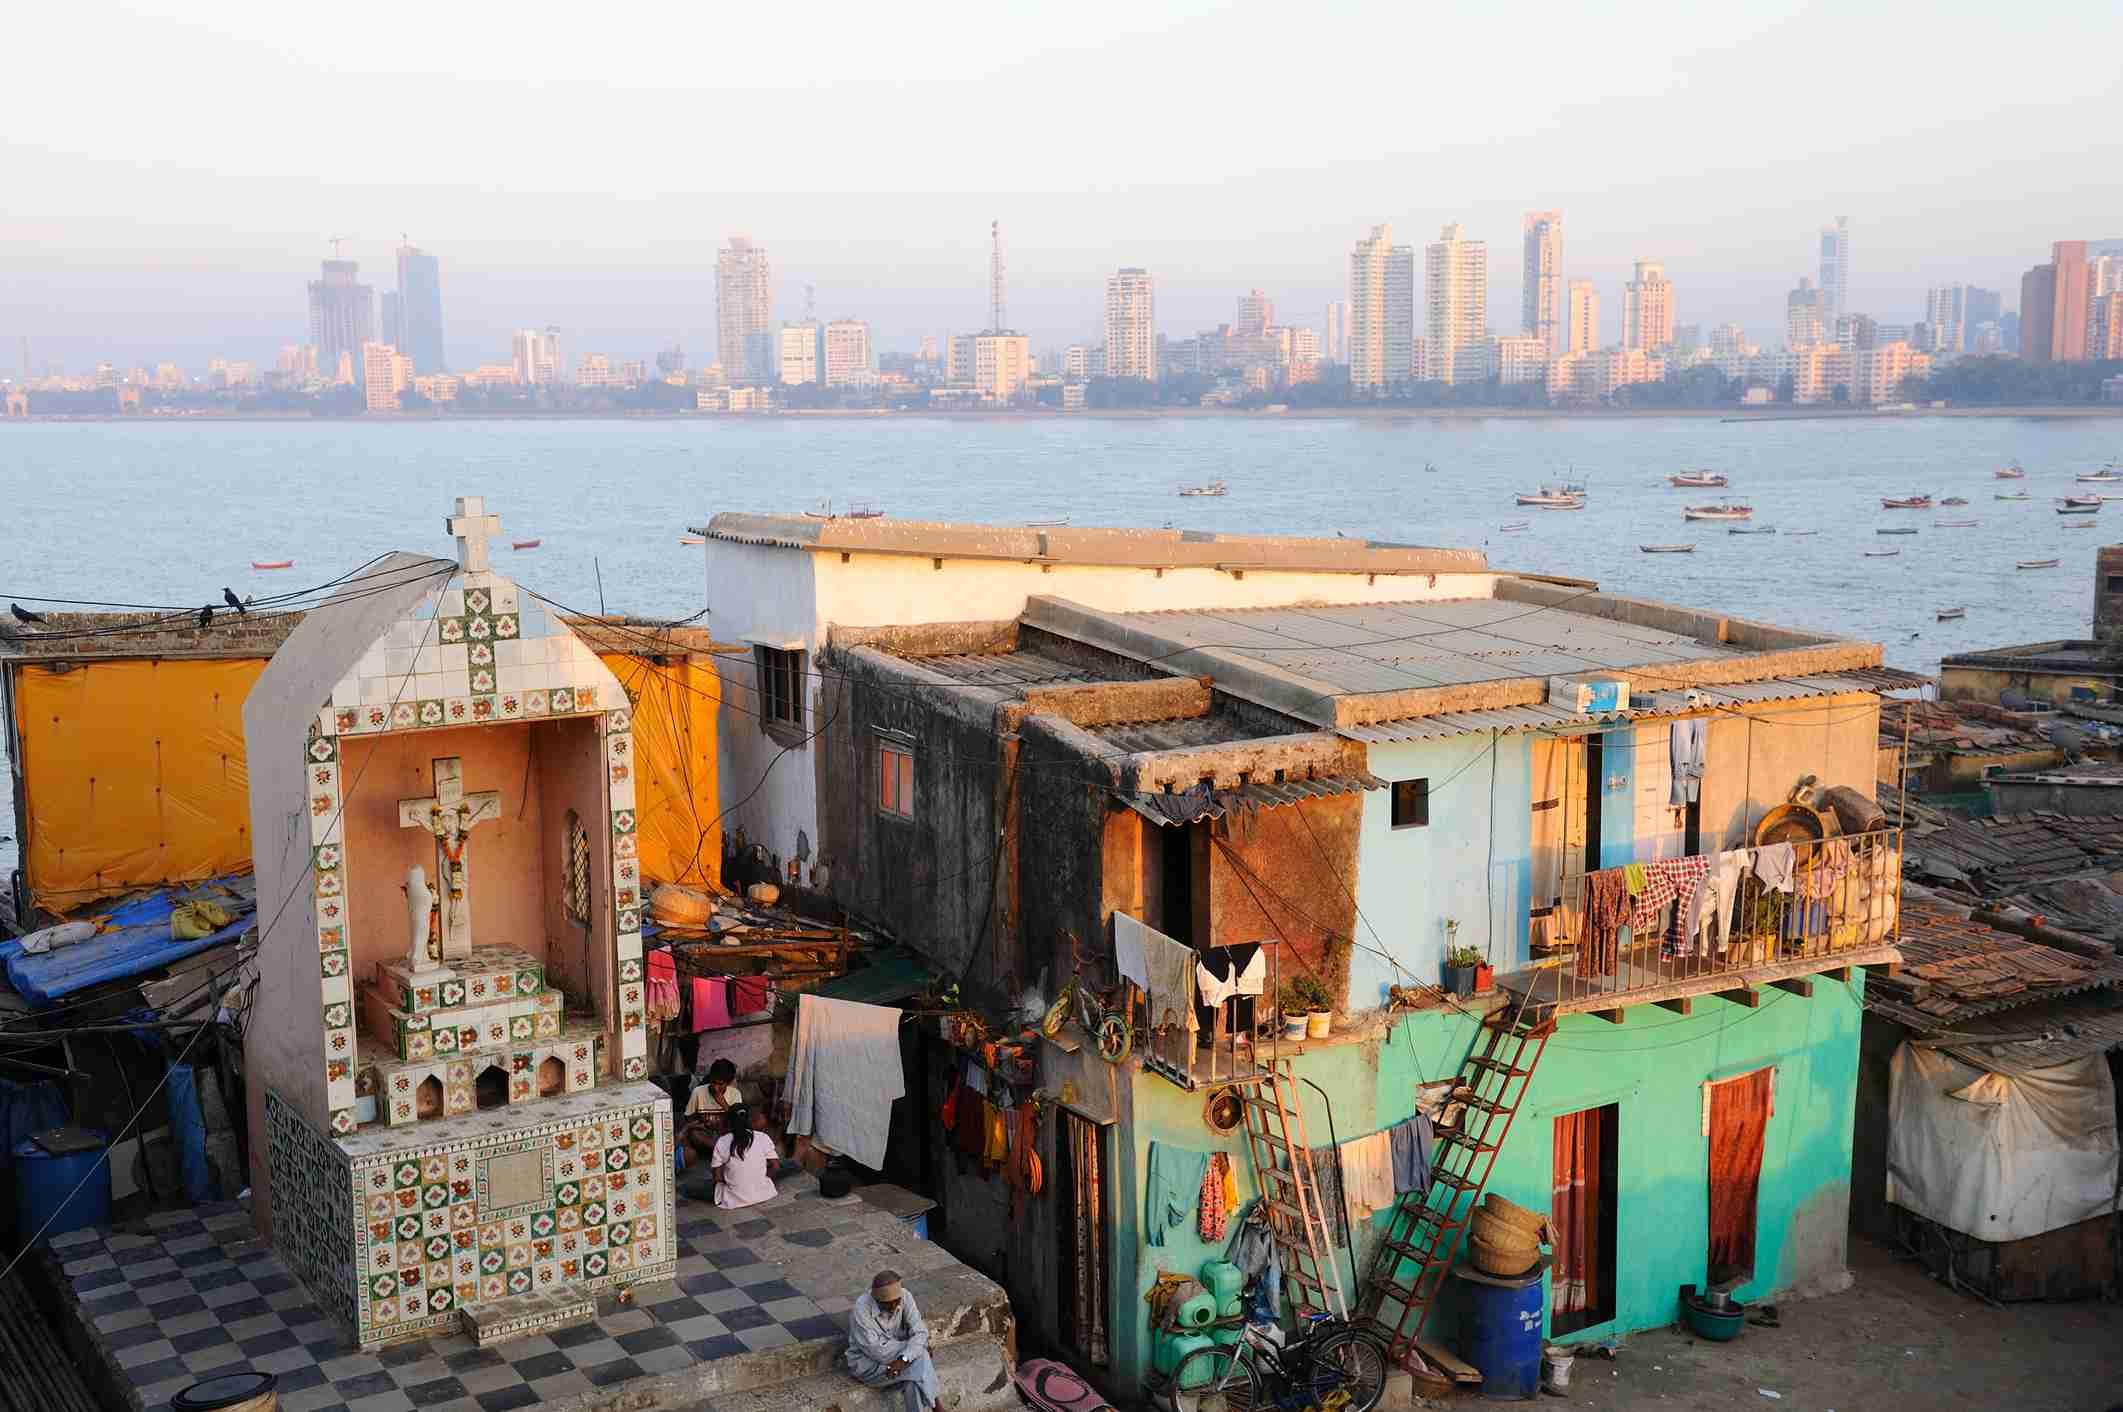 Worli fishing village, Mumbai.